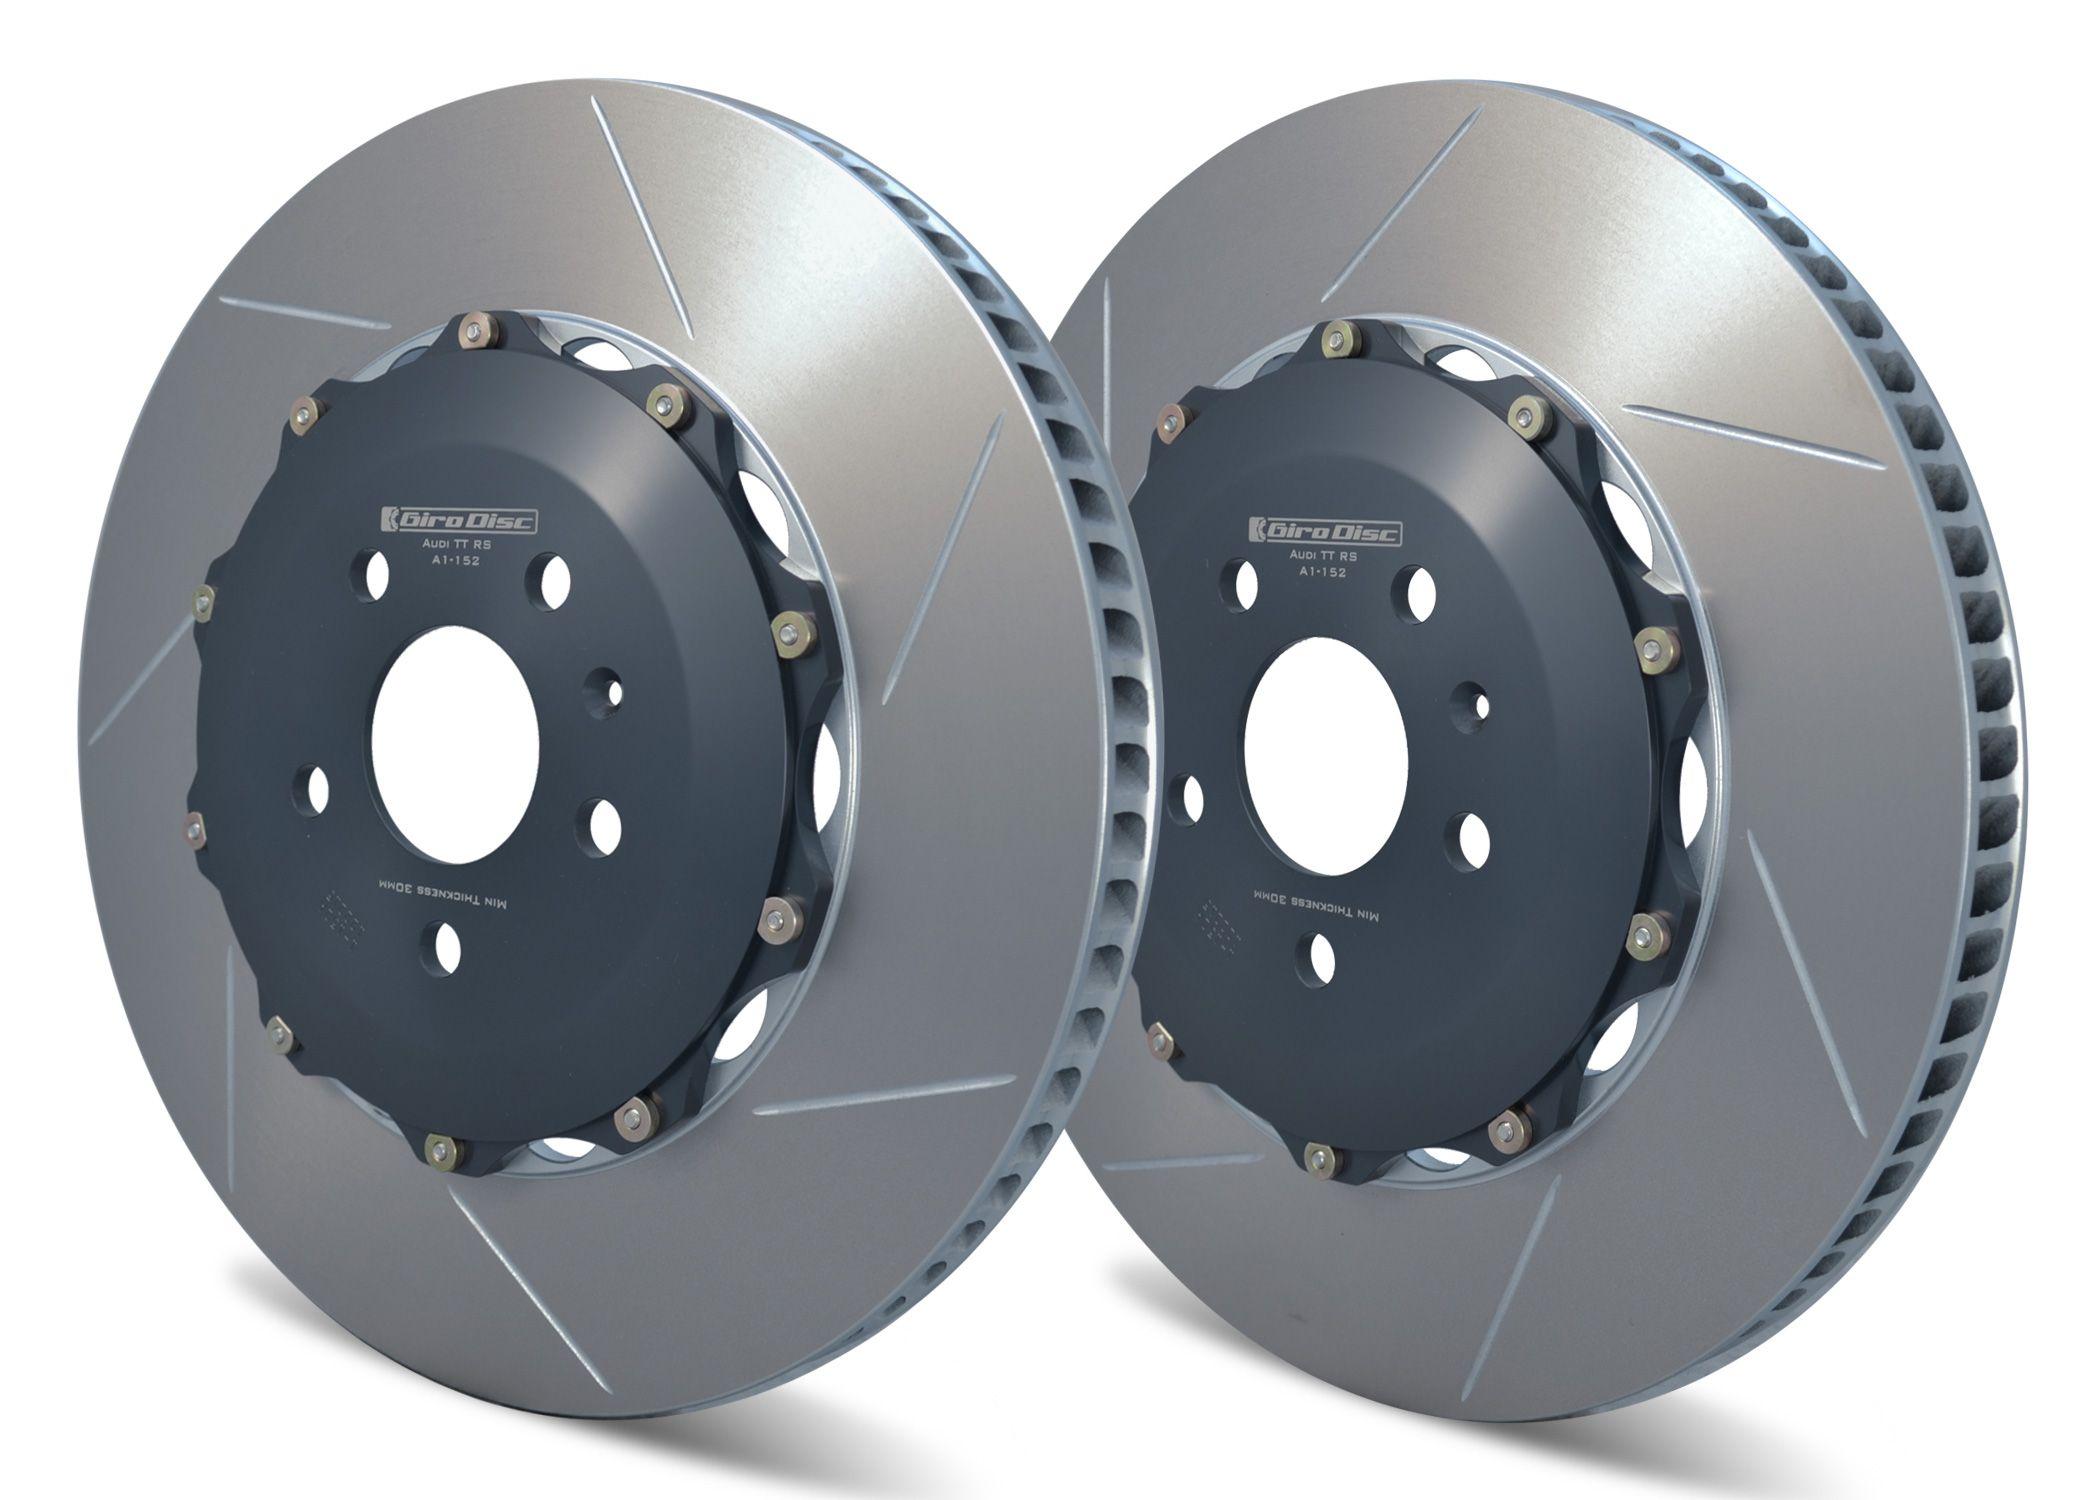 Ford Focus MK2 1.8 2.0 TDCi Delantero Discos De Freno /& Almohadillas de 2004-2011 300 mm de diámetro